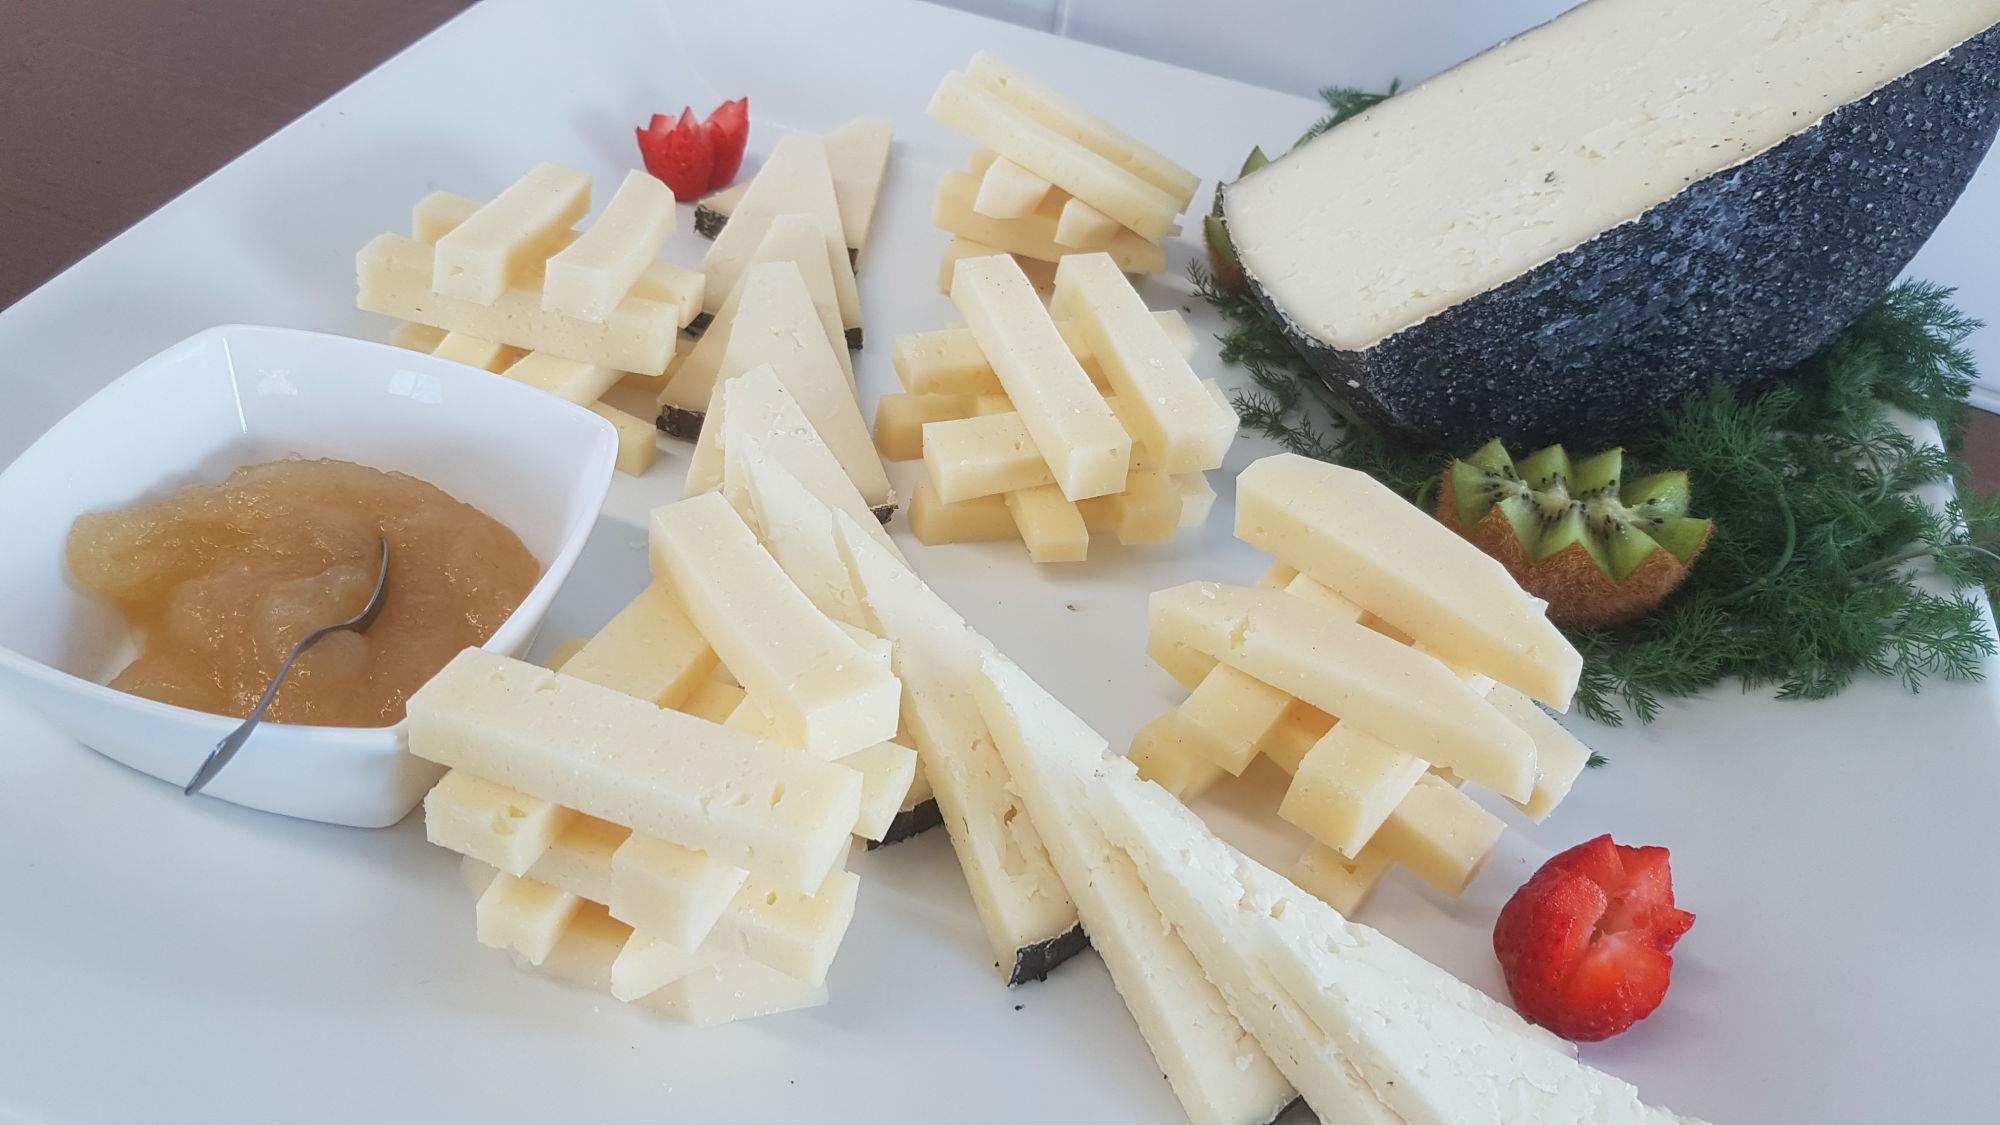 Buratti catering formaggi